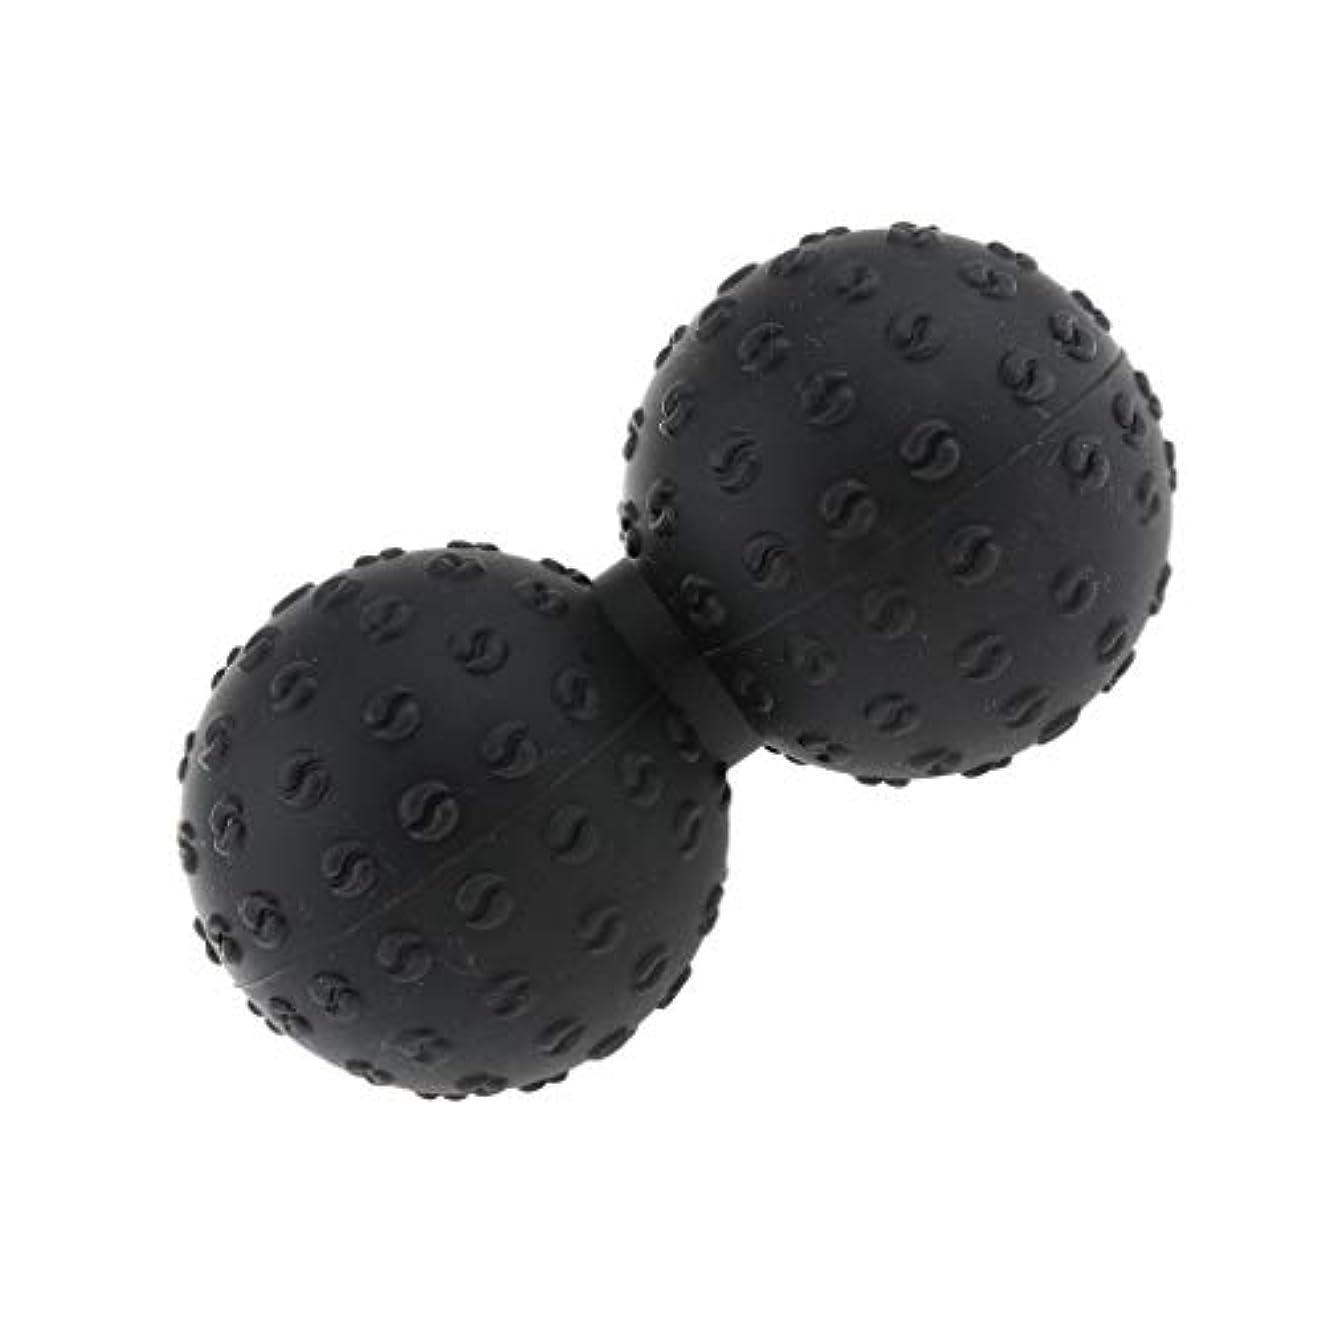 非常に本能びんCUTICATE マッサージボール 指圧ボール シリコン ピーナッツ トリガーポイント 肩、足、腕など 解消 全6色 - ブラック, 説明のとおり